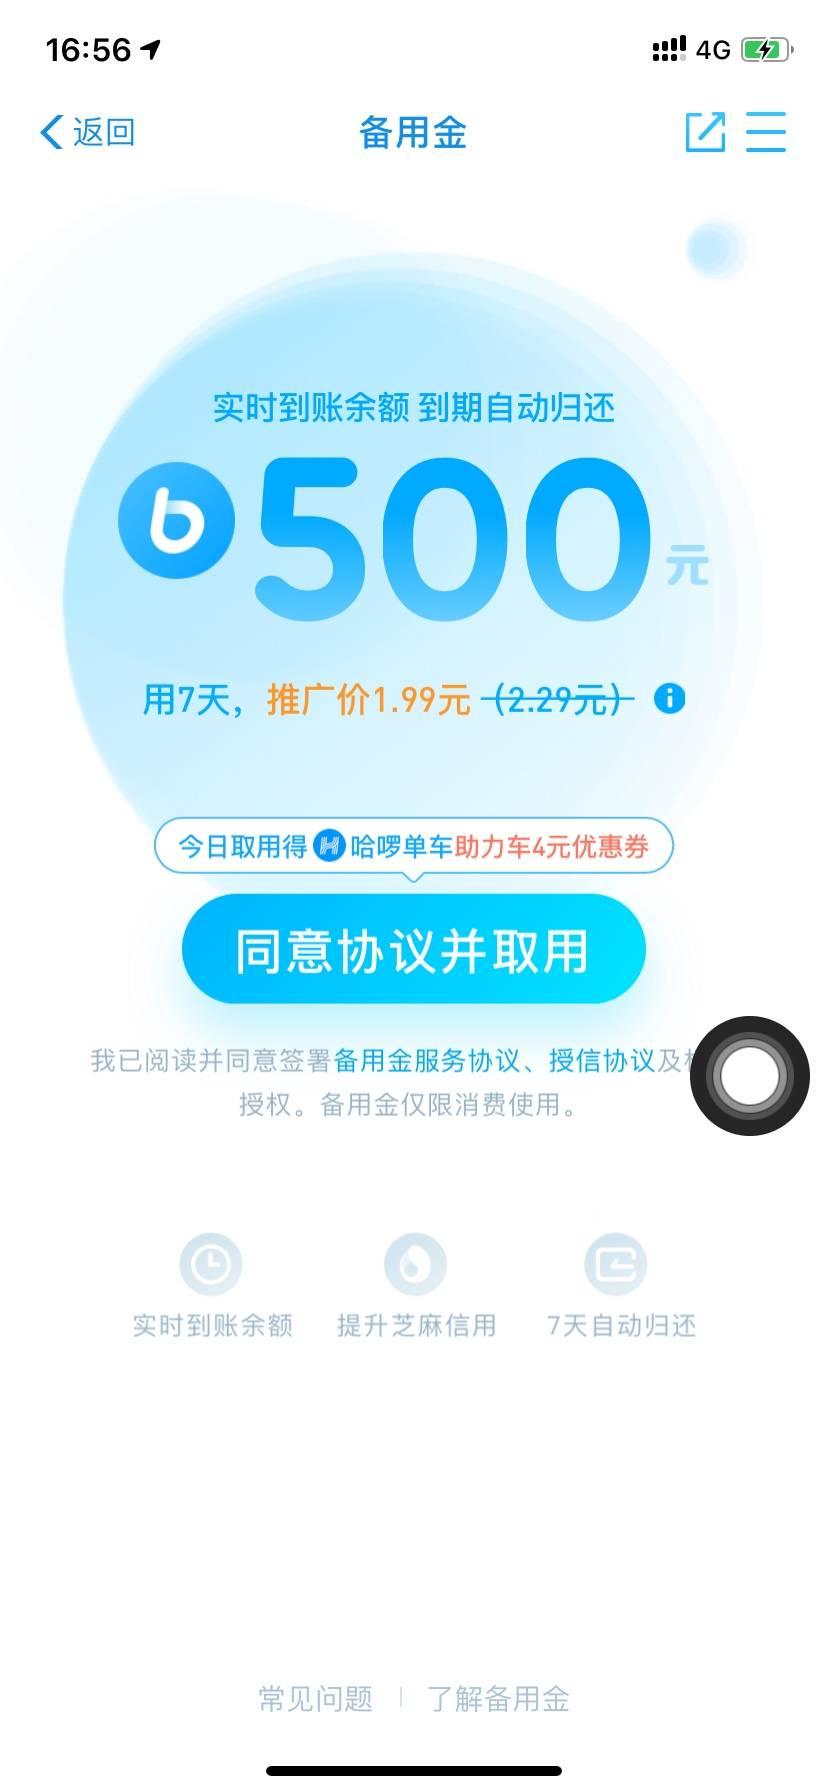 备用金放水 之前有备用金 逾期了 关闭了 现在都可以开 之前没有的就看脸。  14 / 作者:tencent /